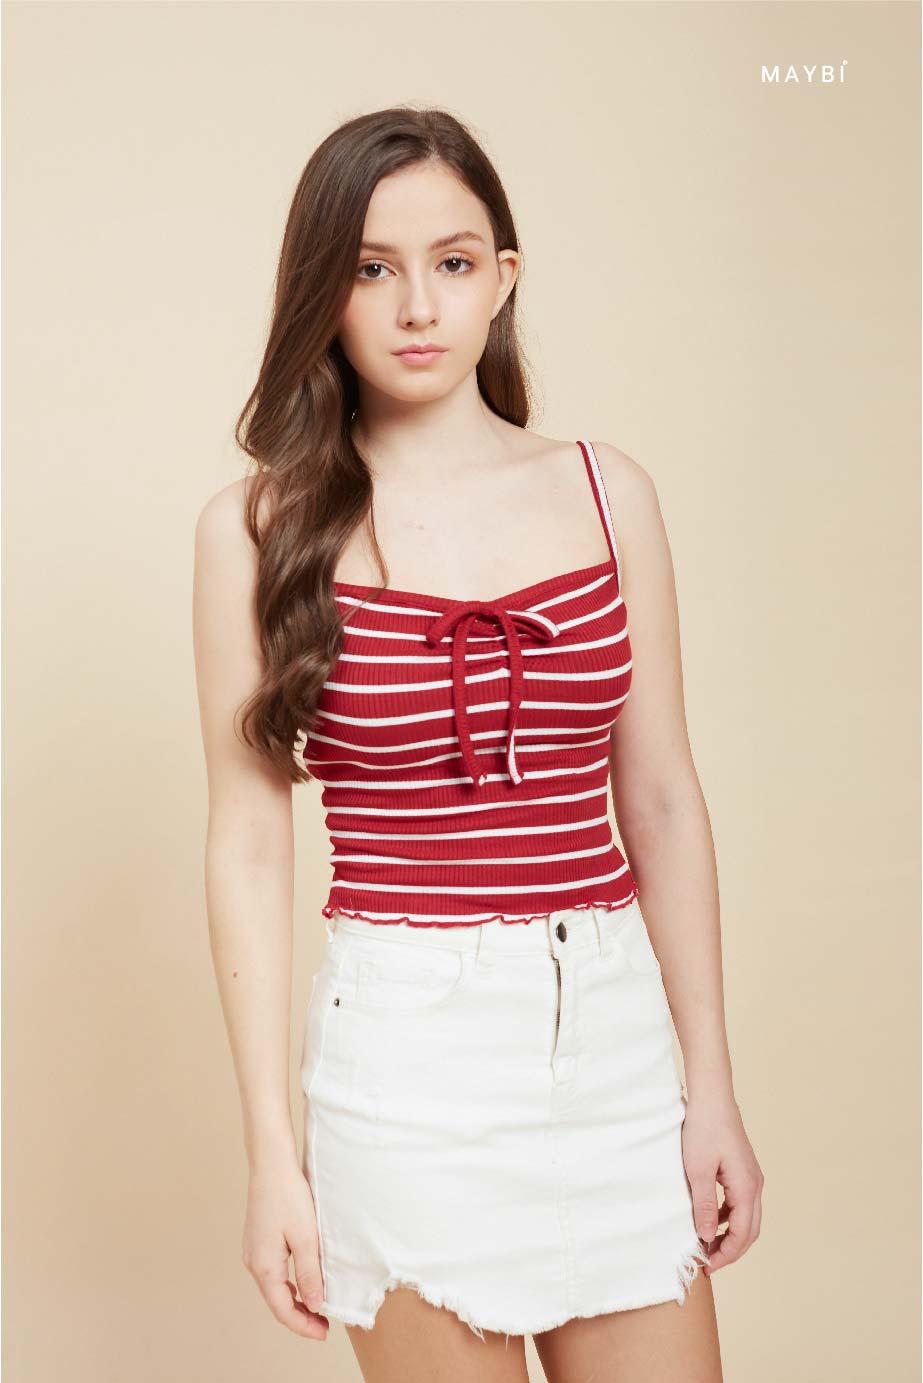 Áo thun 2 dây nhún ngực sọc trắng đỏ